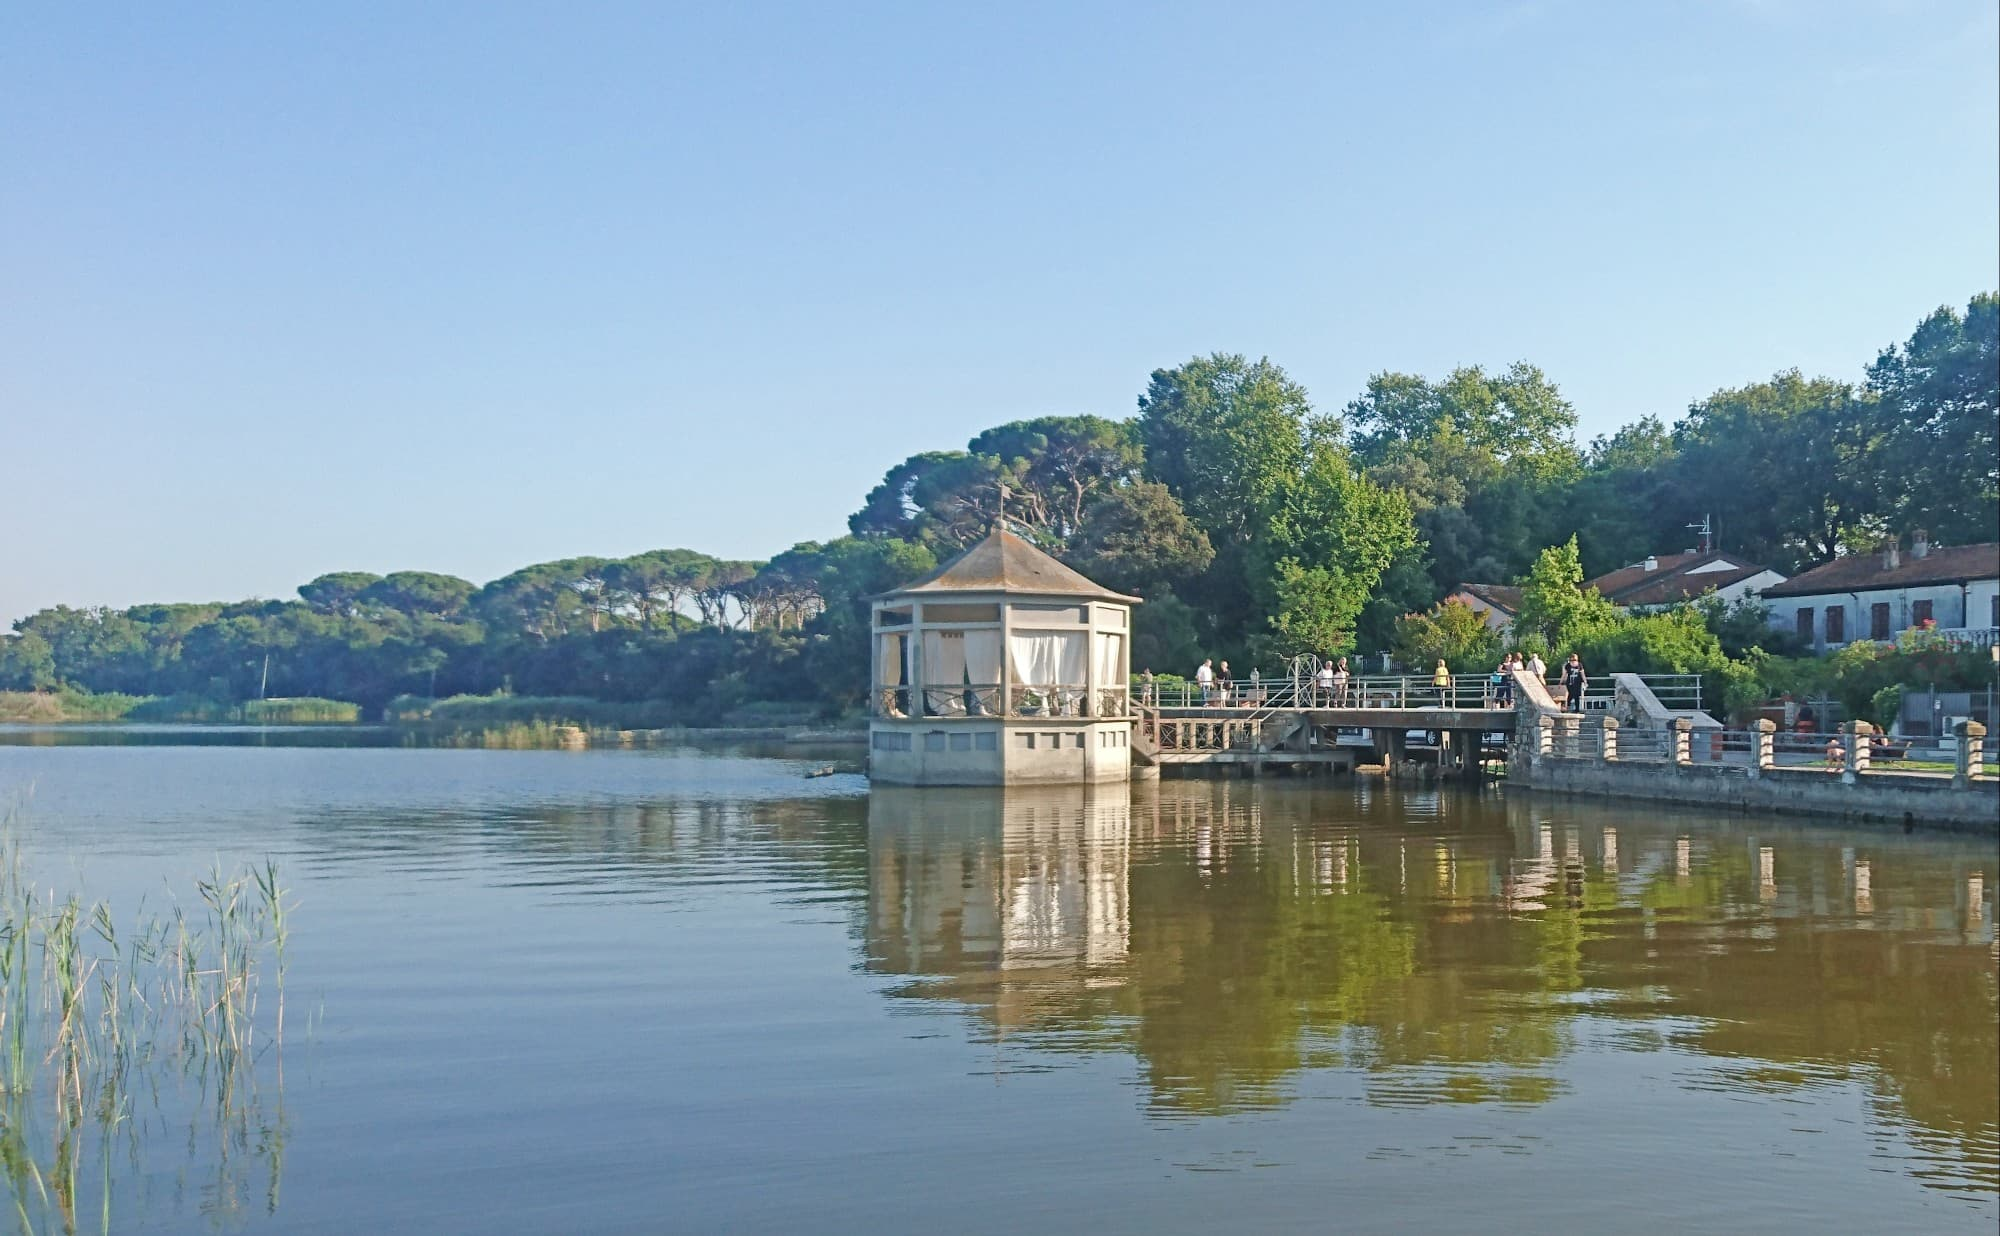 イタリアを代表する偉大なオペラ作曲家ジャコモ・プッチーニが住んでいた家があり、湖畔の劇場で毎年プッチーニ・フェスティバルが開催される「トッレ・デル・ラーゴ・プッチーニ(Torre del lago Puccini)」